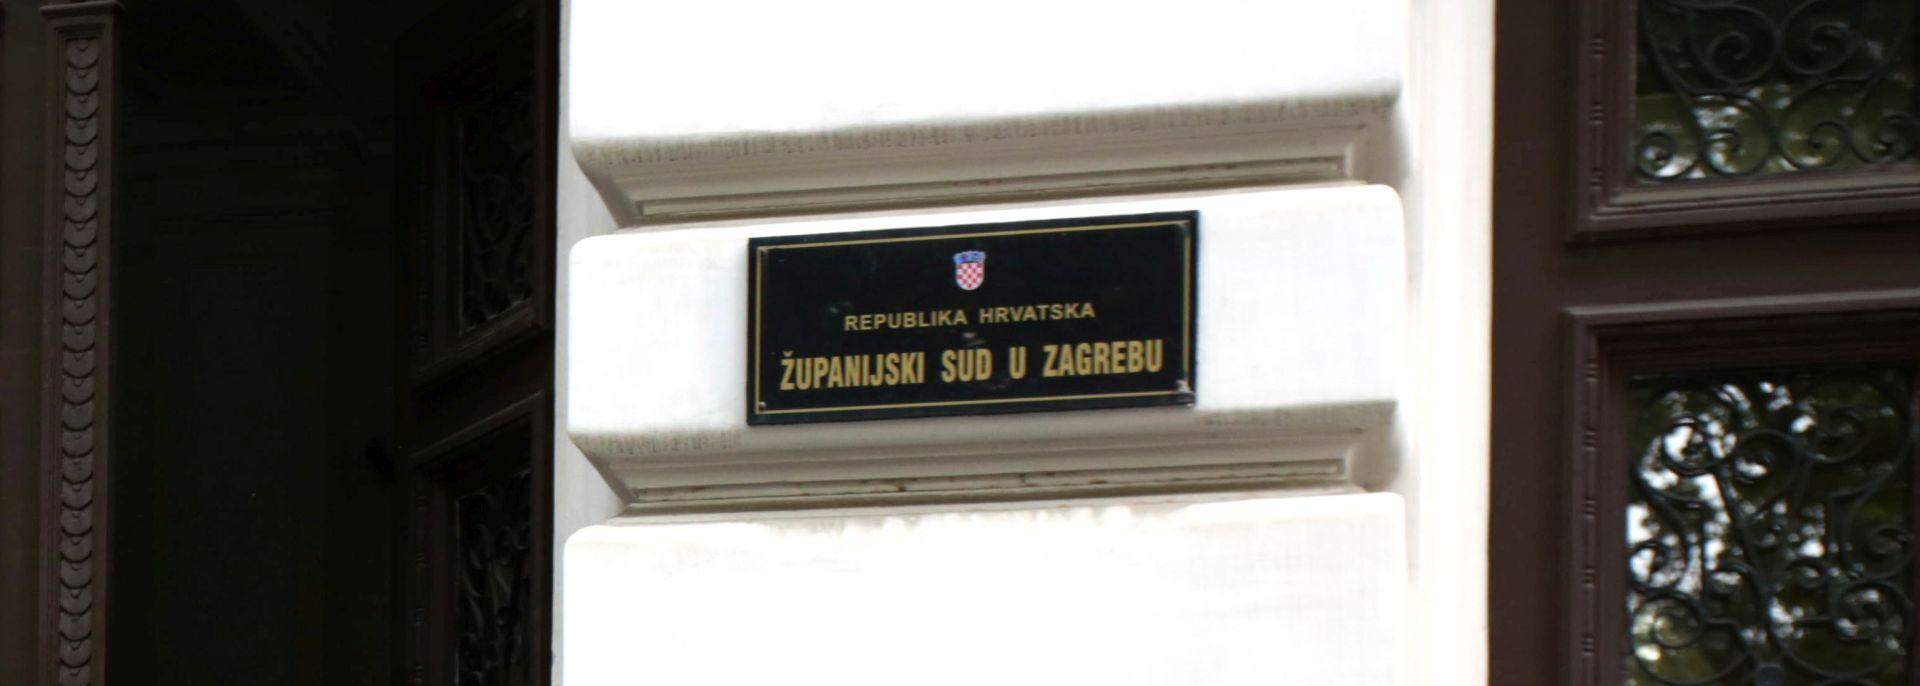 Ukinut dio presude o UZP-u zapovjedniku HVO-a